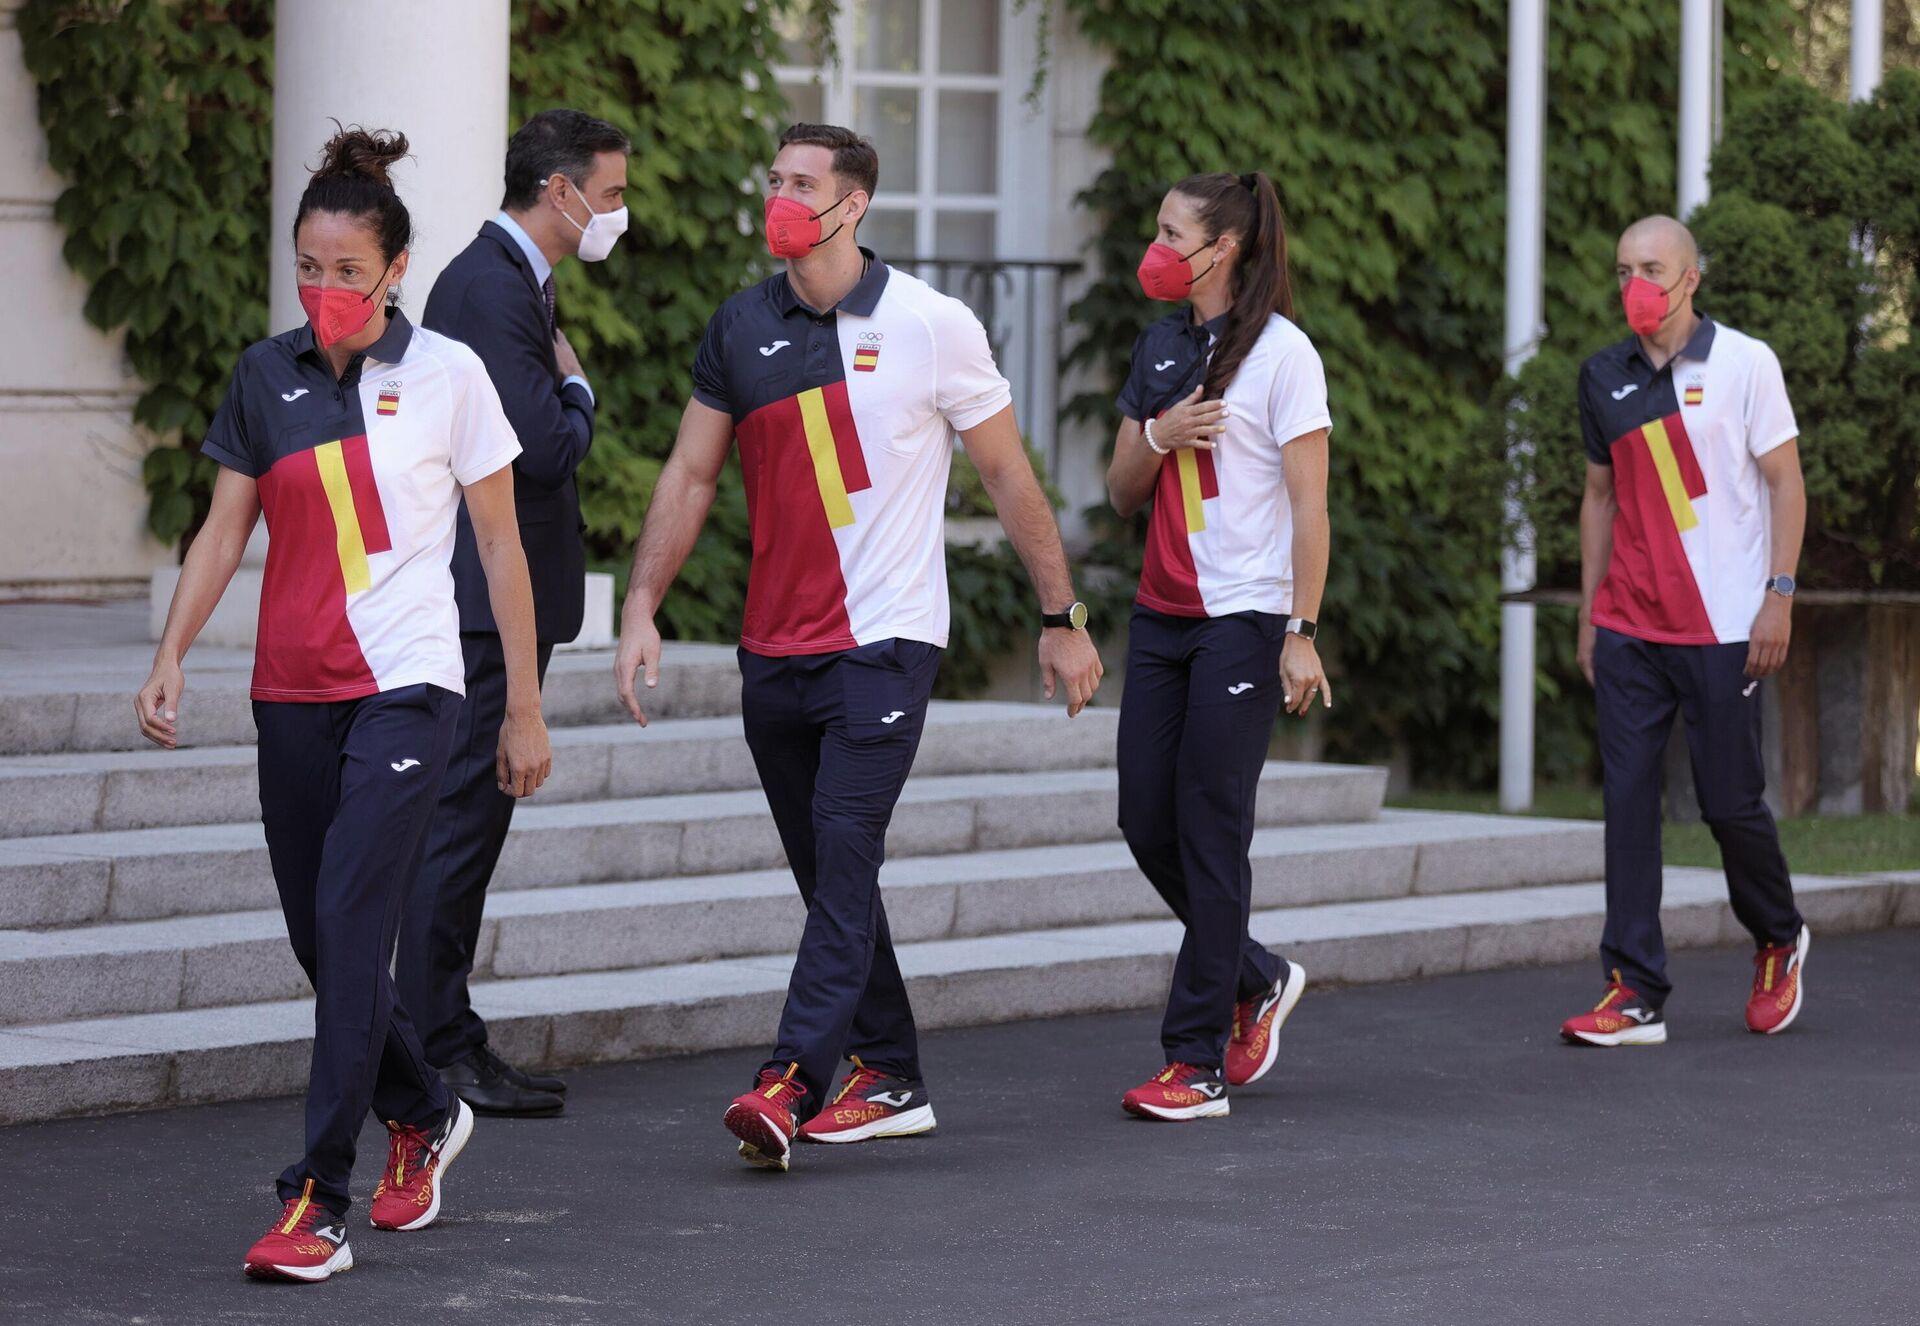 El presidente del Gobierno, Pedro Sánchez, recibe al equipo olímpico español que participará en los Juegos Olímpicos de Tokio 2021, en los Jardines del Palacio de La Moncloa, a 16 de julio de 2021, en Madrid (España) - Sputnik Mundo, 1920, 04.08.2021